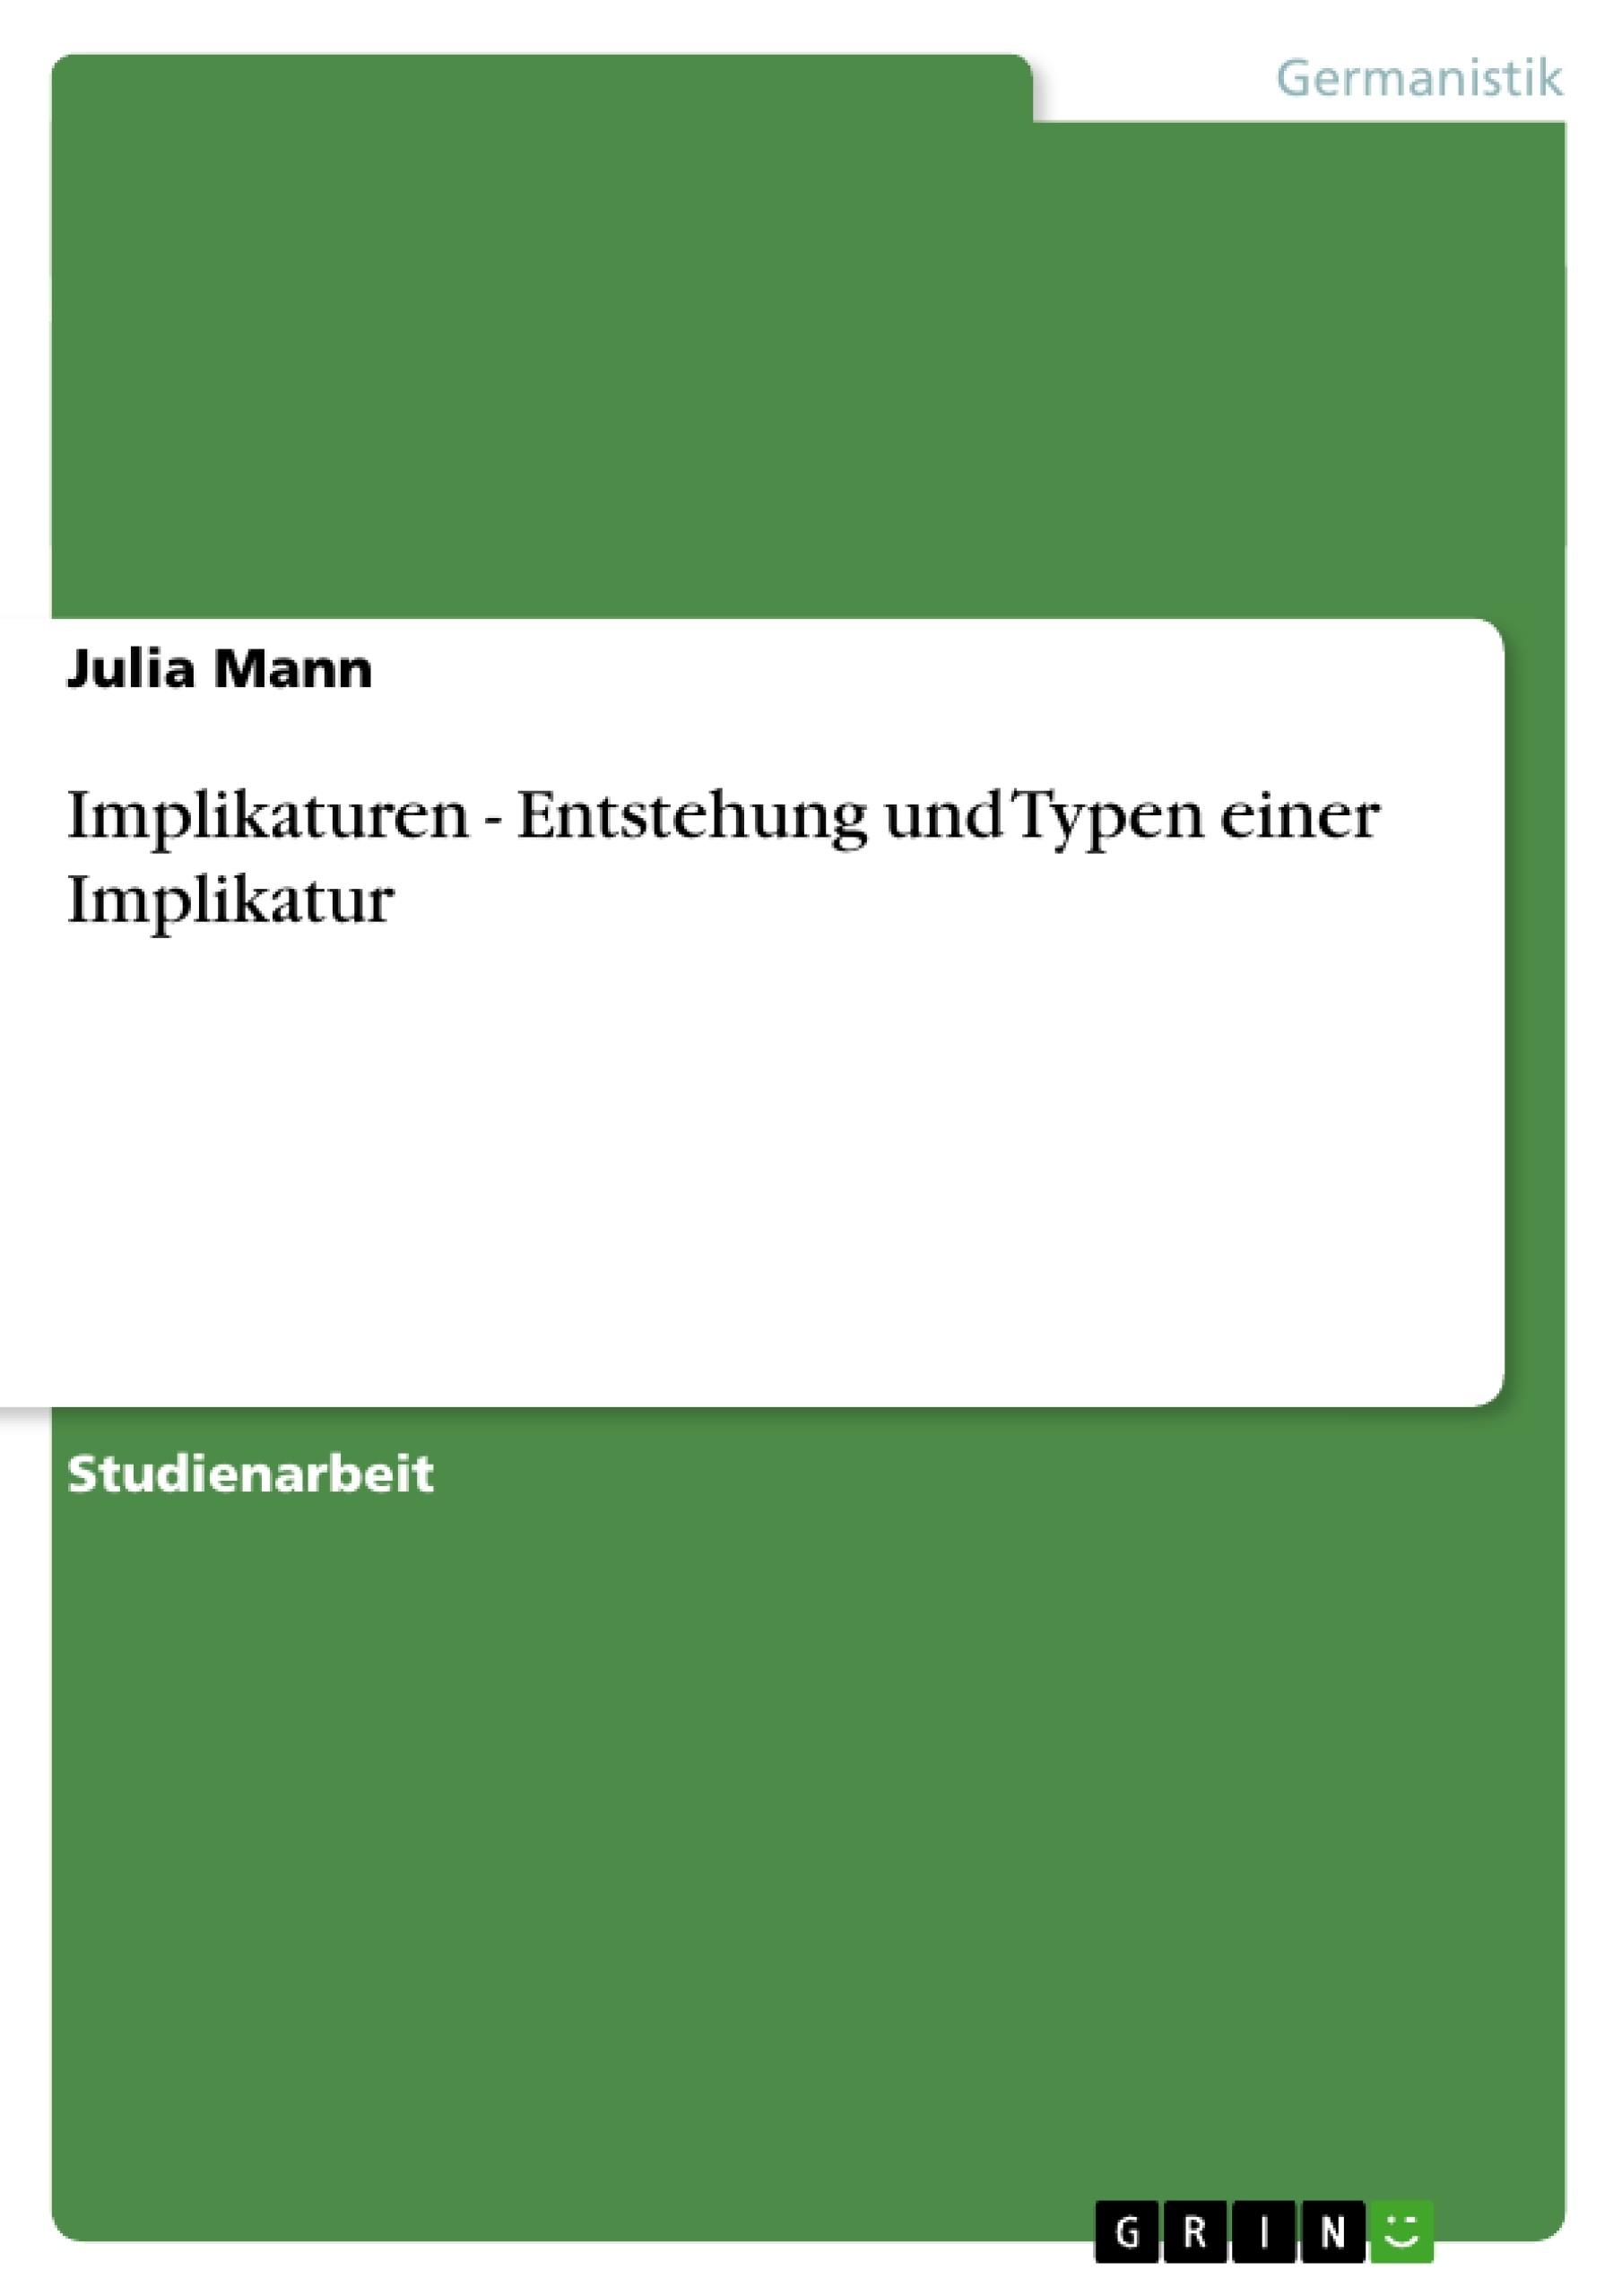 Titel: Implikaturen - Entstehung und Typen einer Implikatur